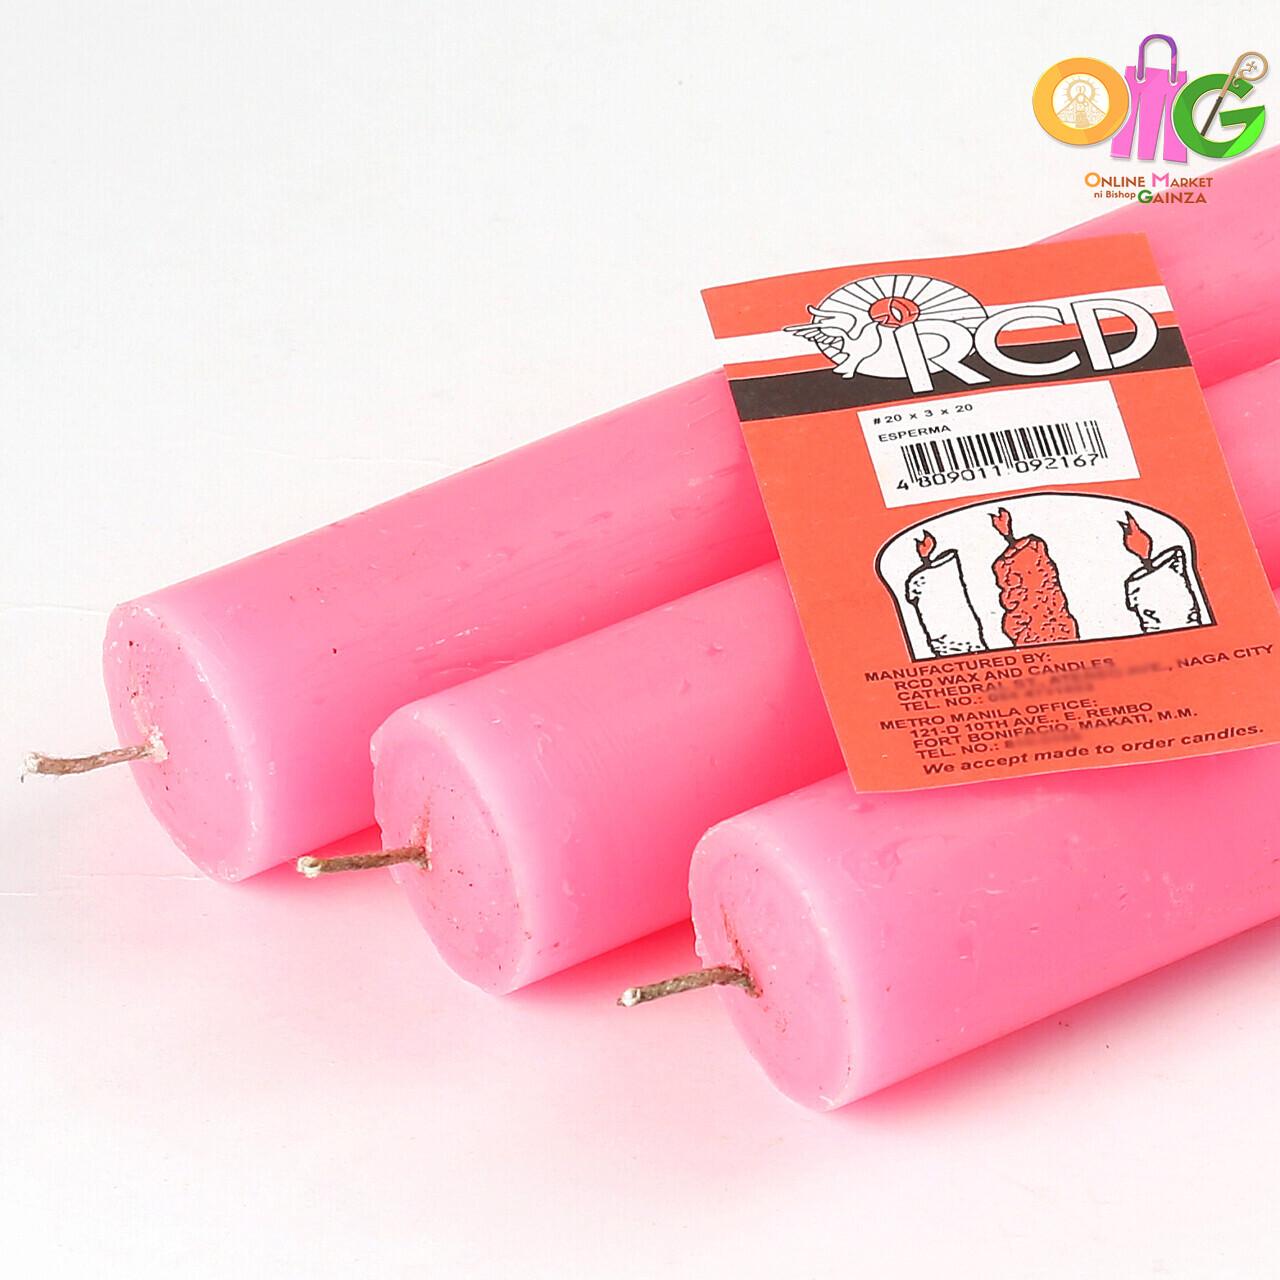 RCD Wax - Medium Candle (20 X 3)